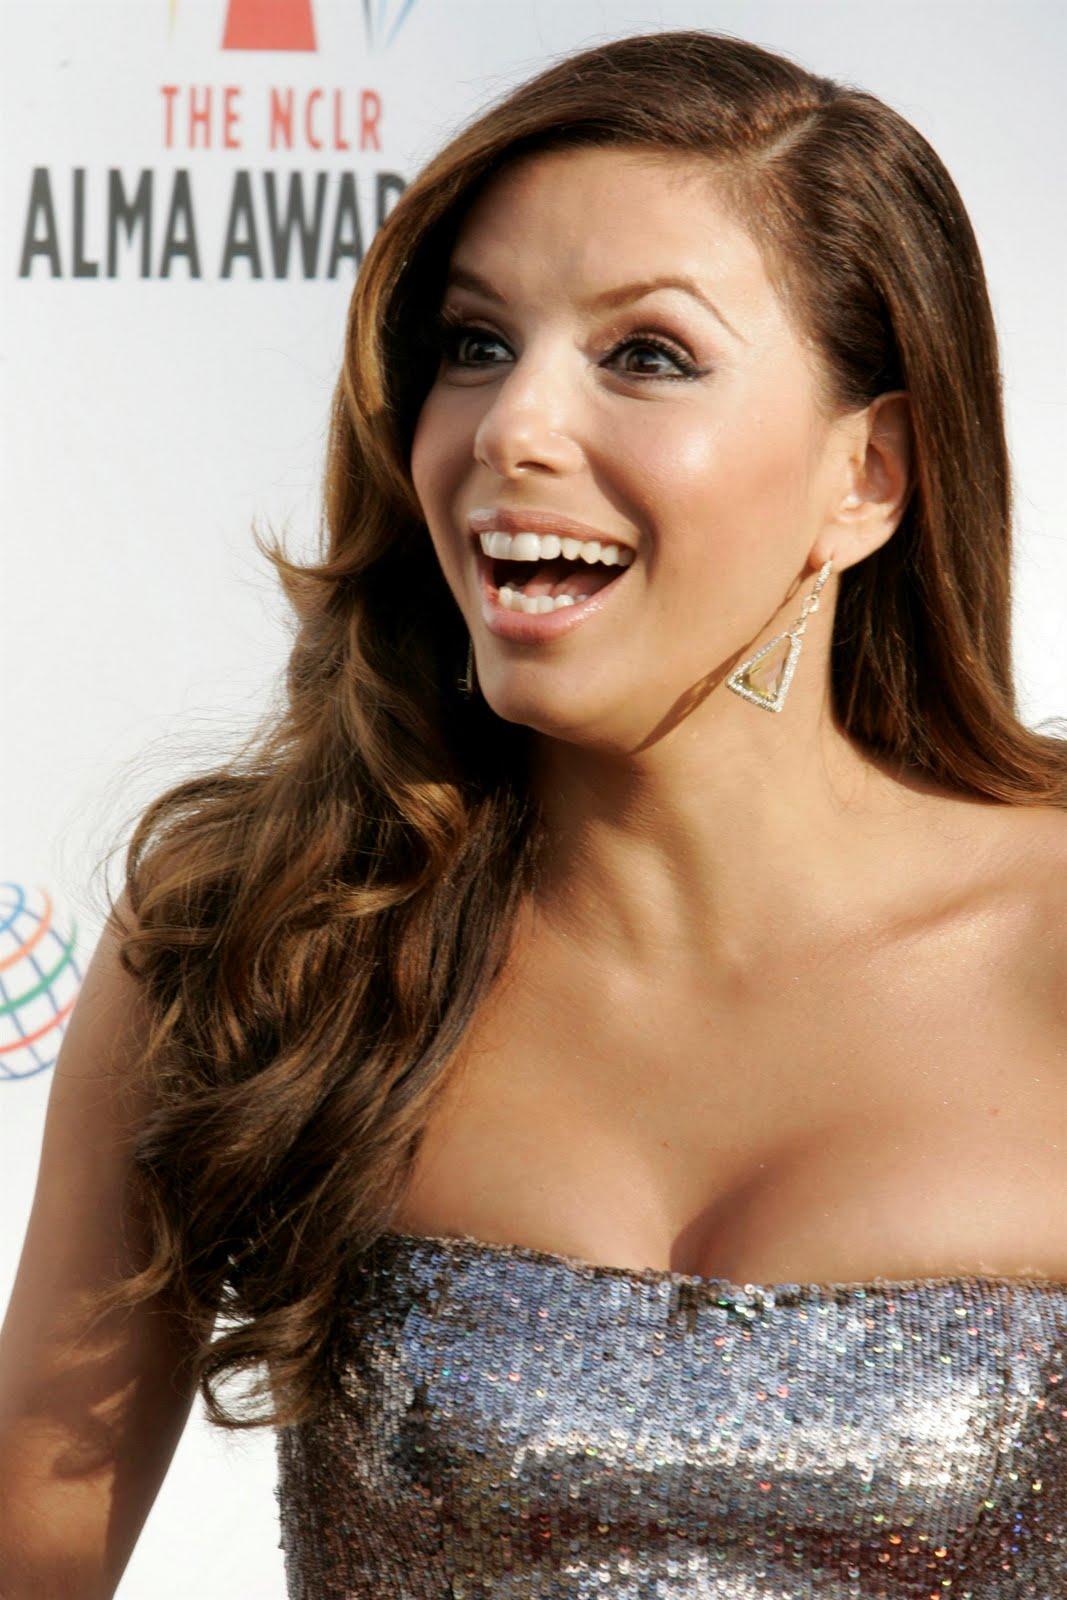 http://4.bp.blogspot.com/_eg7JvIinZrE/SwiyOeW8RbI/AAAAAAAALBk/-TFP1bybq1A/s1600/96267_celebrityheart.blogspot.com_546_123_236lo.jpg